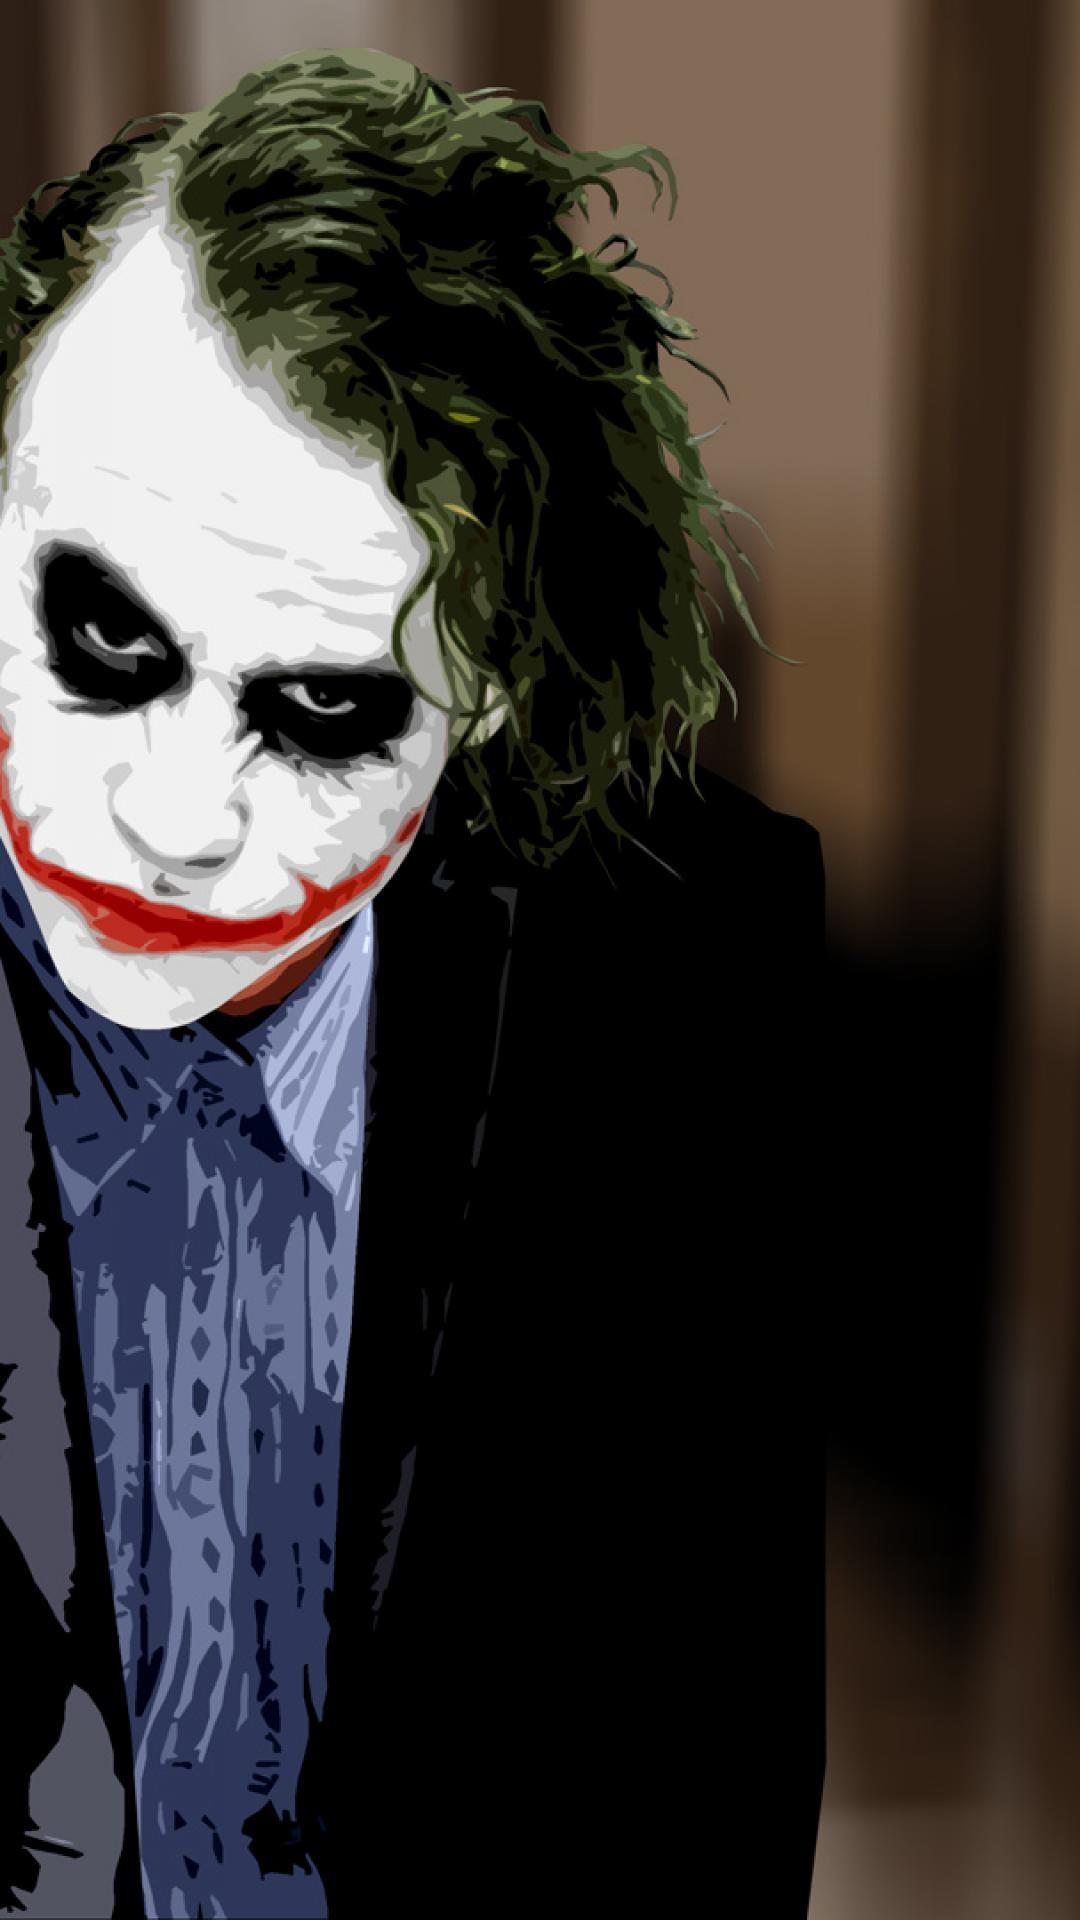 Batman Joker Quotes Mobile Wallpaper Heath Ledger Joker Wallpaper 74 Images